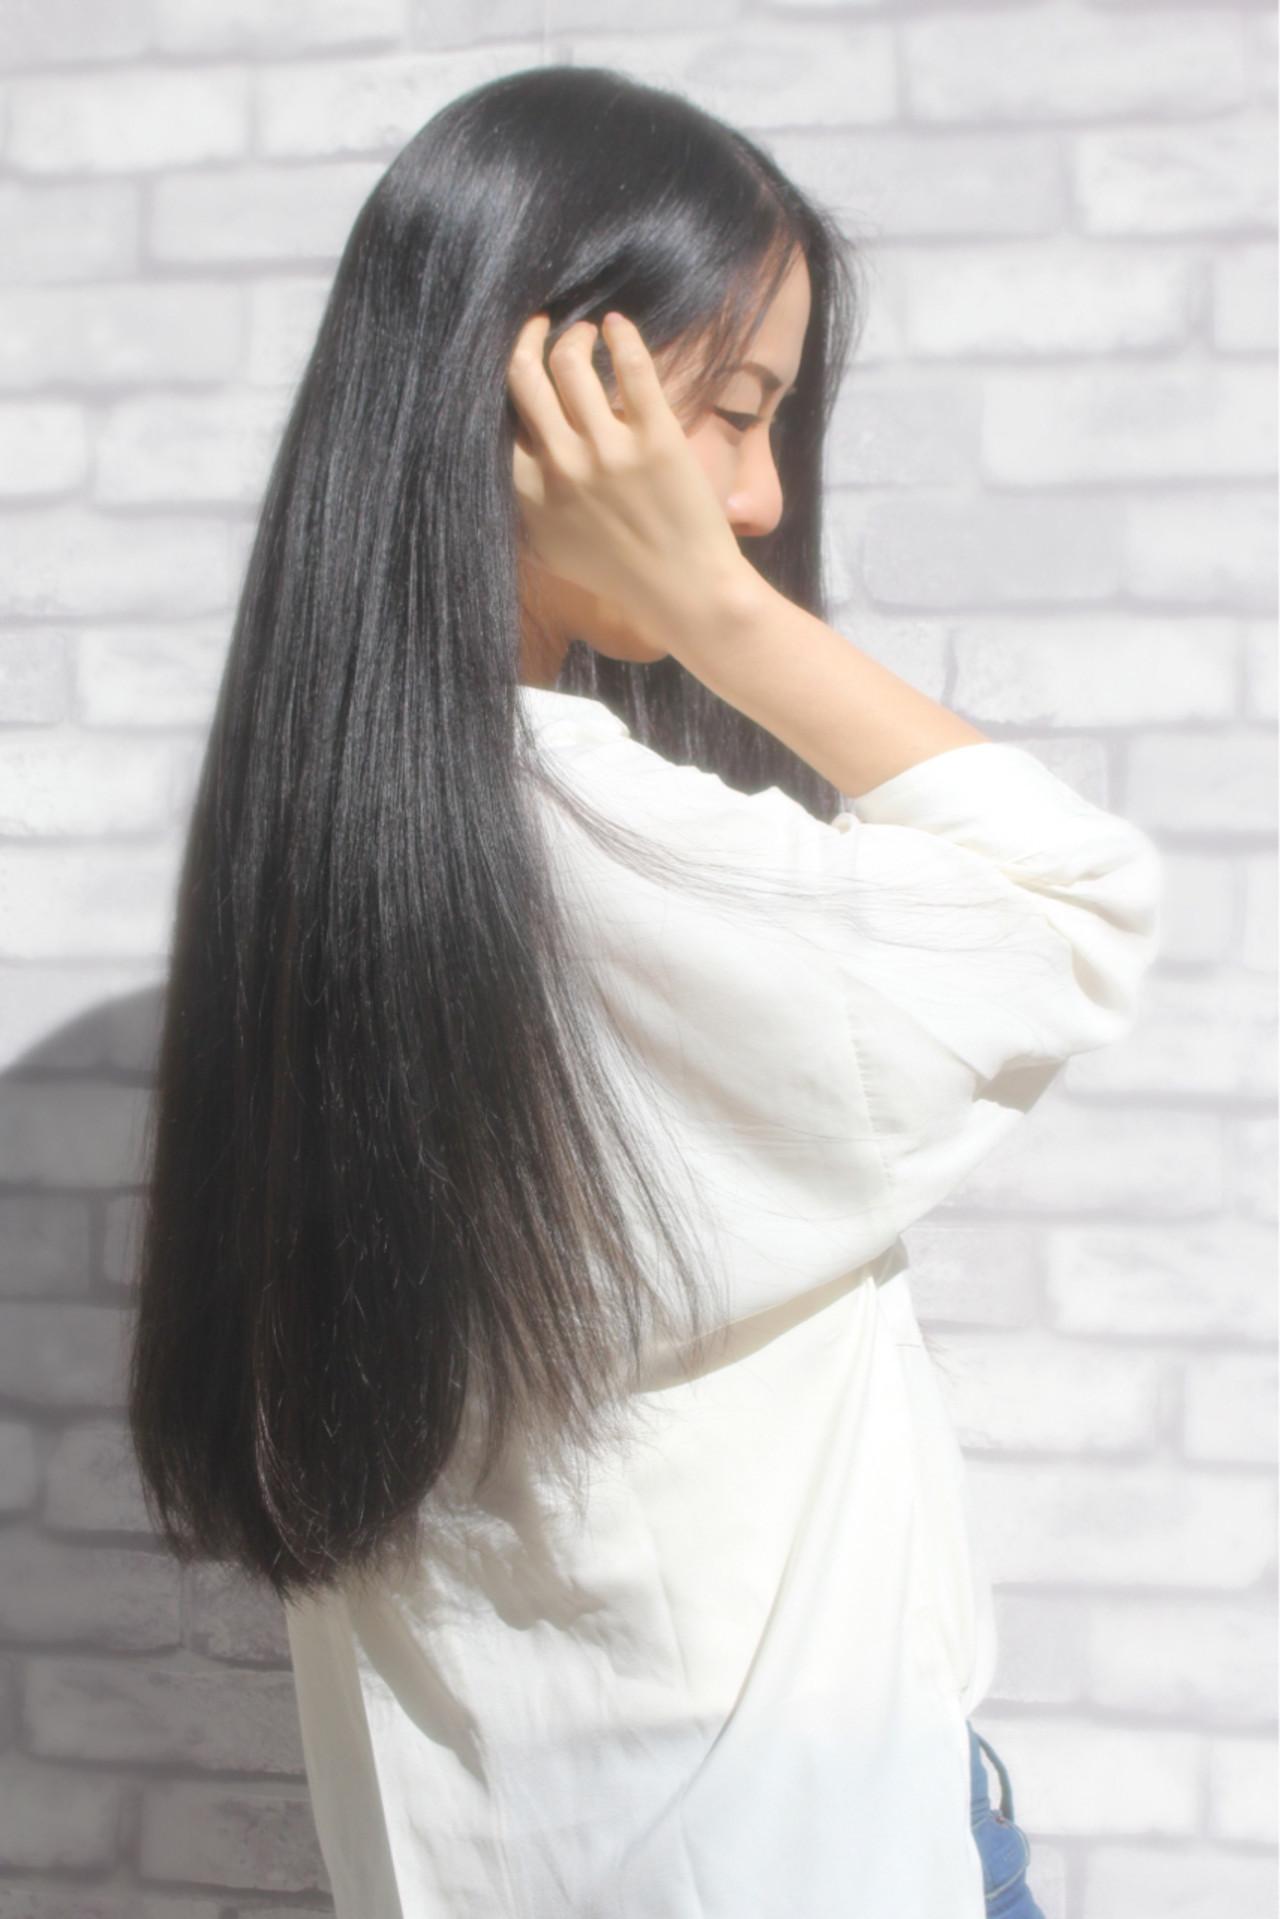 憧れの黒髪ロングストレート×前髪なしスタイル 山下 拓也